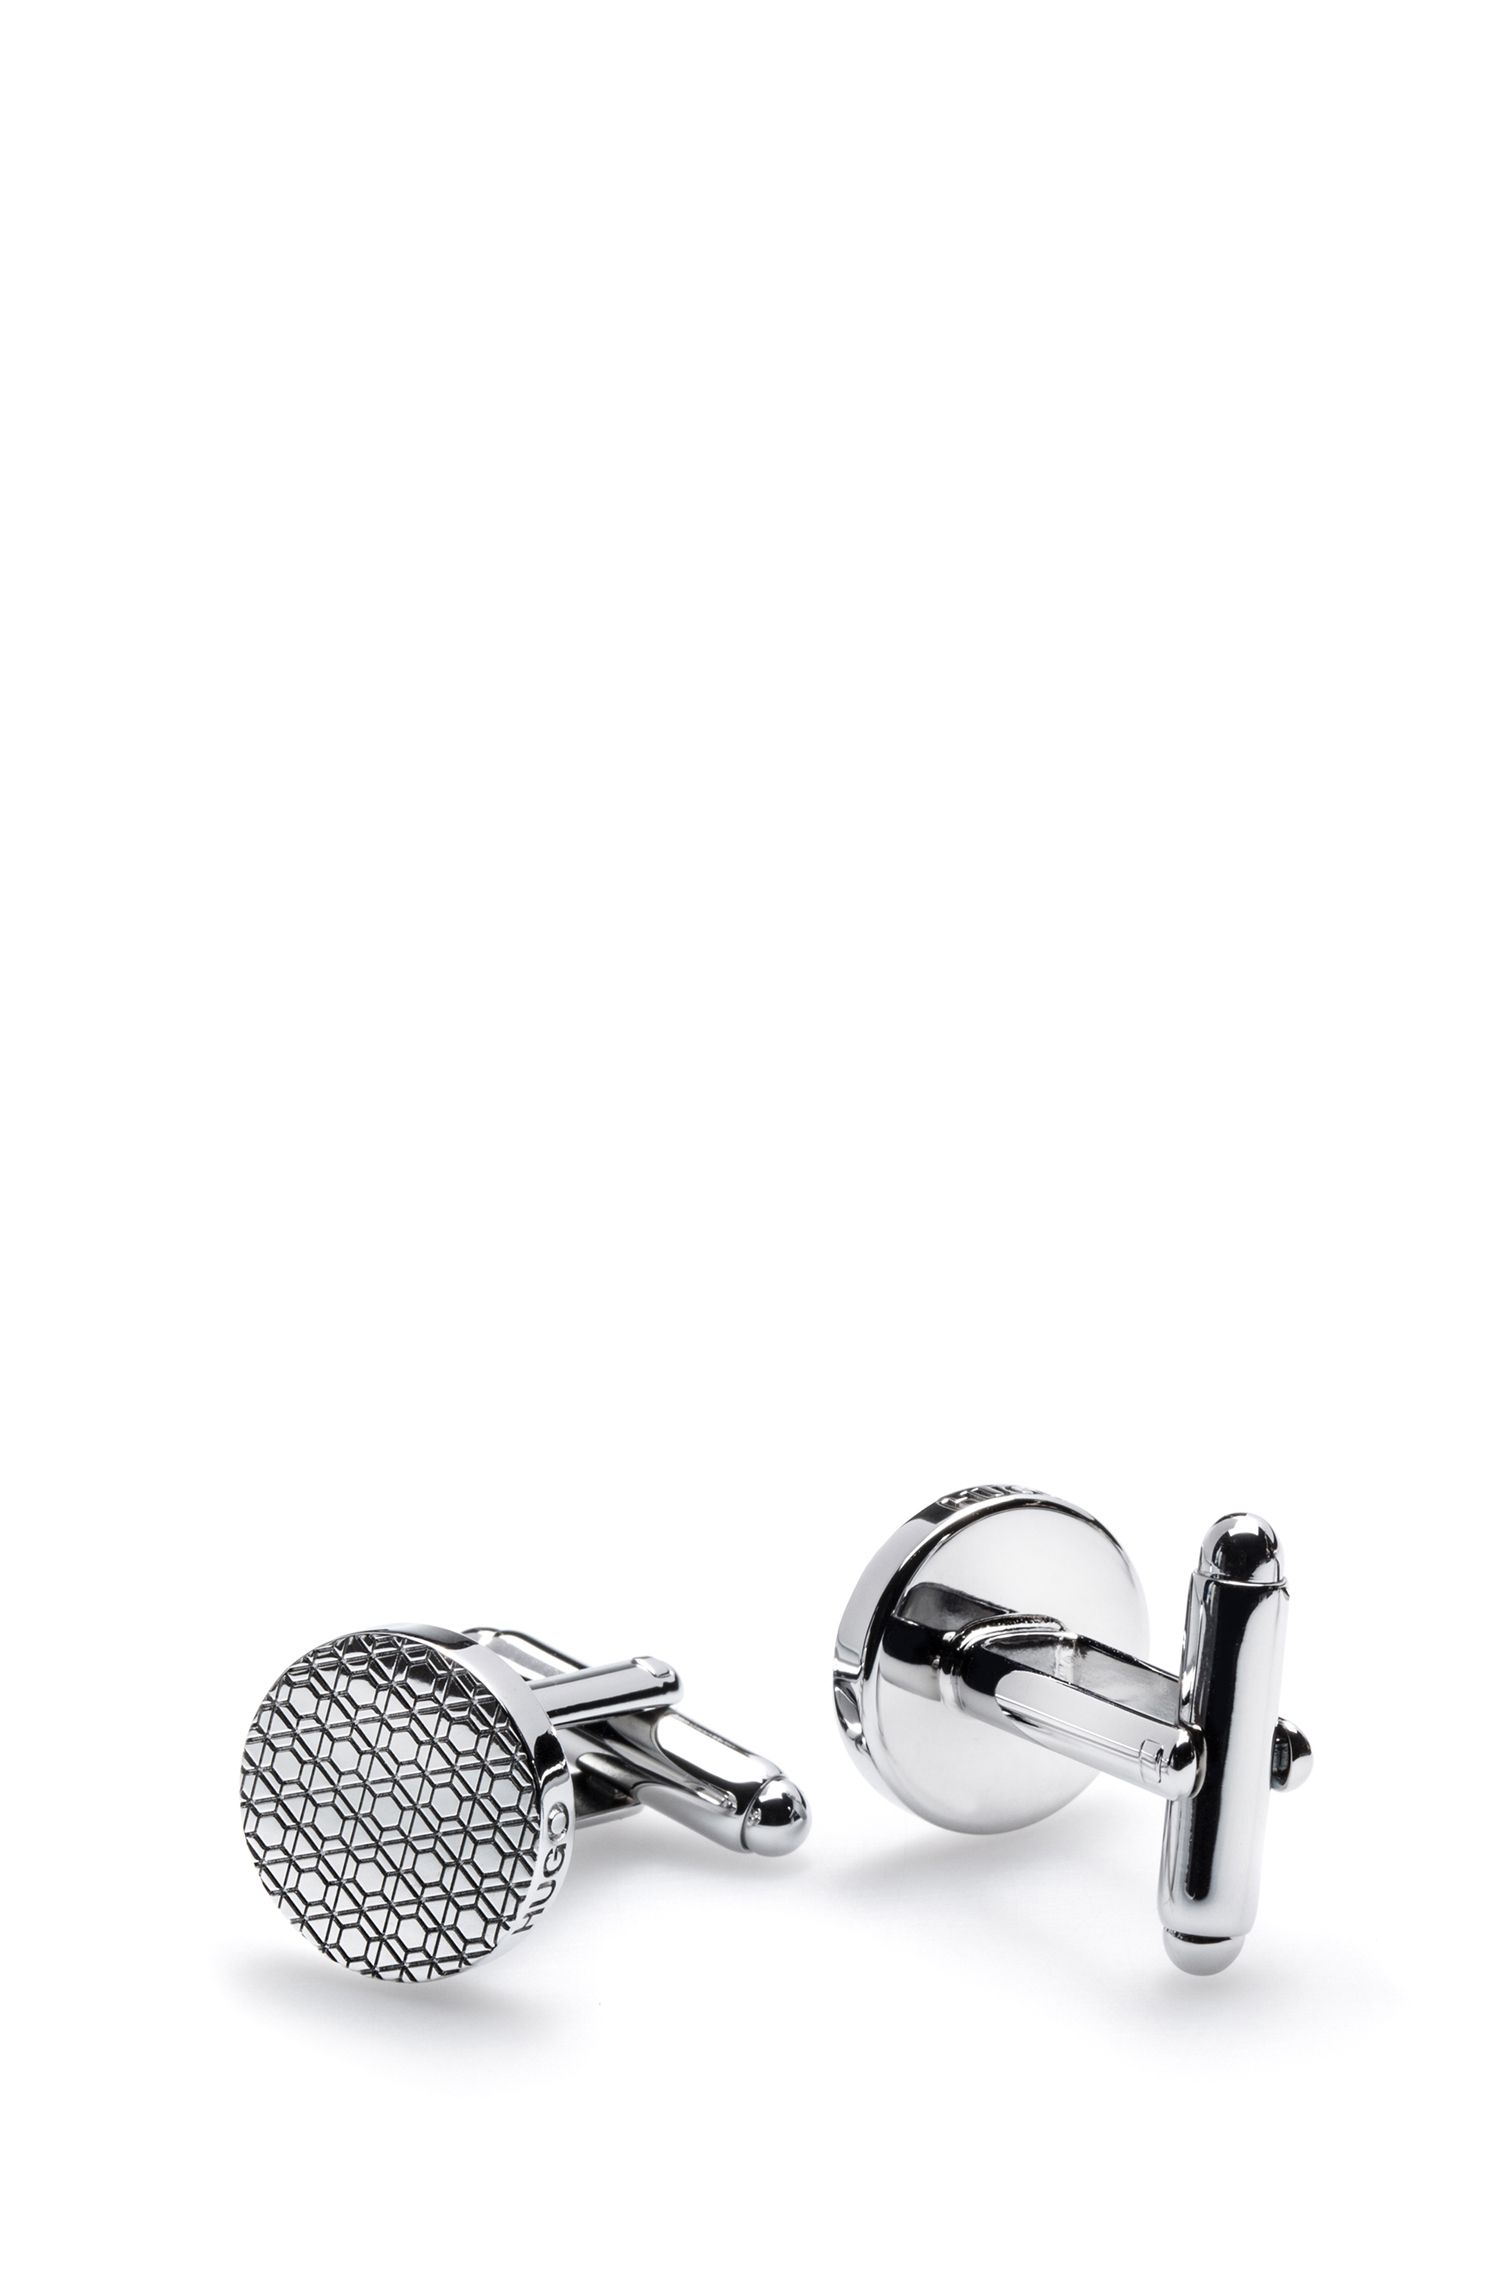 Runde Manschettenknöpfe aus poliertem Messing mit geometrischer Gravur, Silber